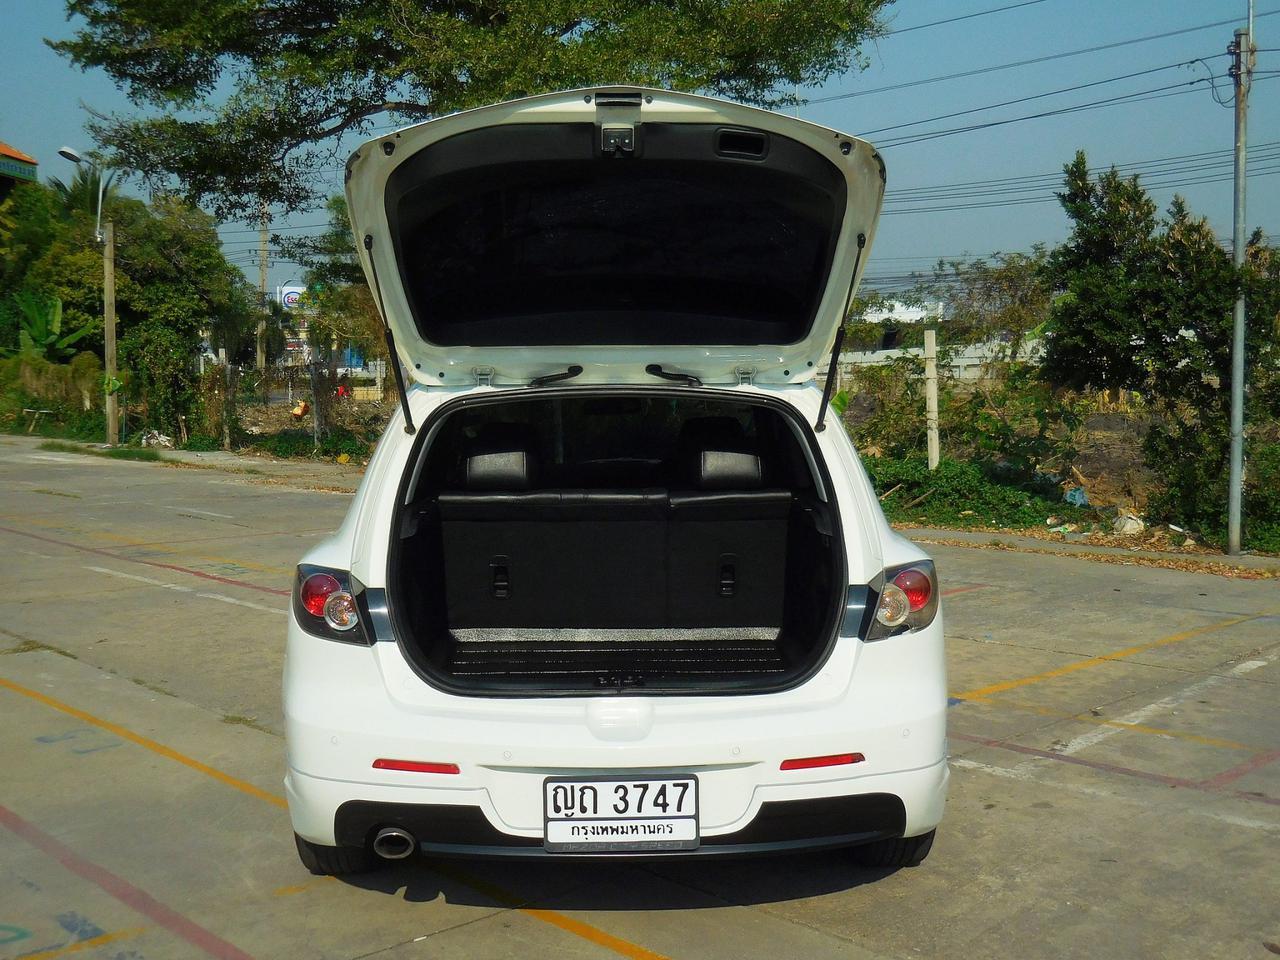 💥 ฟรีดาวน์ ออกรถ 0 บาท 💥 MAZDA 3 มาสด้า 3 5ประตู รุ่นท็อป รถบ้าน รถมือสอง ดาวน์น้อย รถสวย รถเก๋ง แต่ง พร้อมใช้ รูปที่ 5